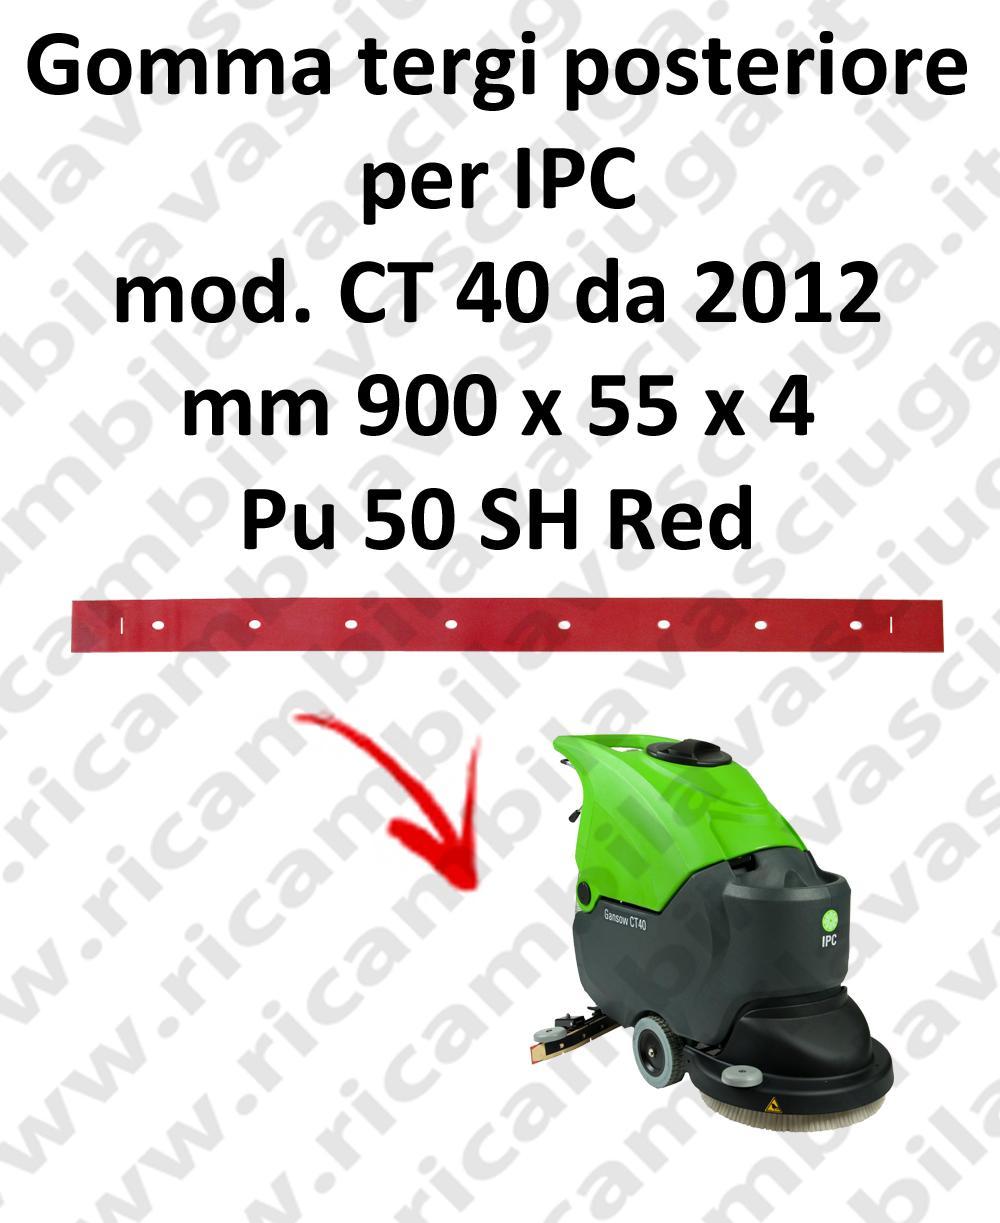 CT 40 da 2012 - GOMMA TERGI posteriore per lavapavimenti IPC